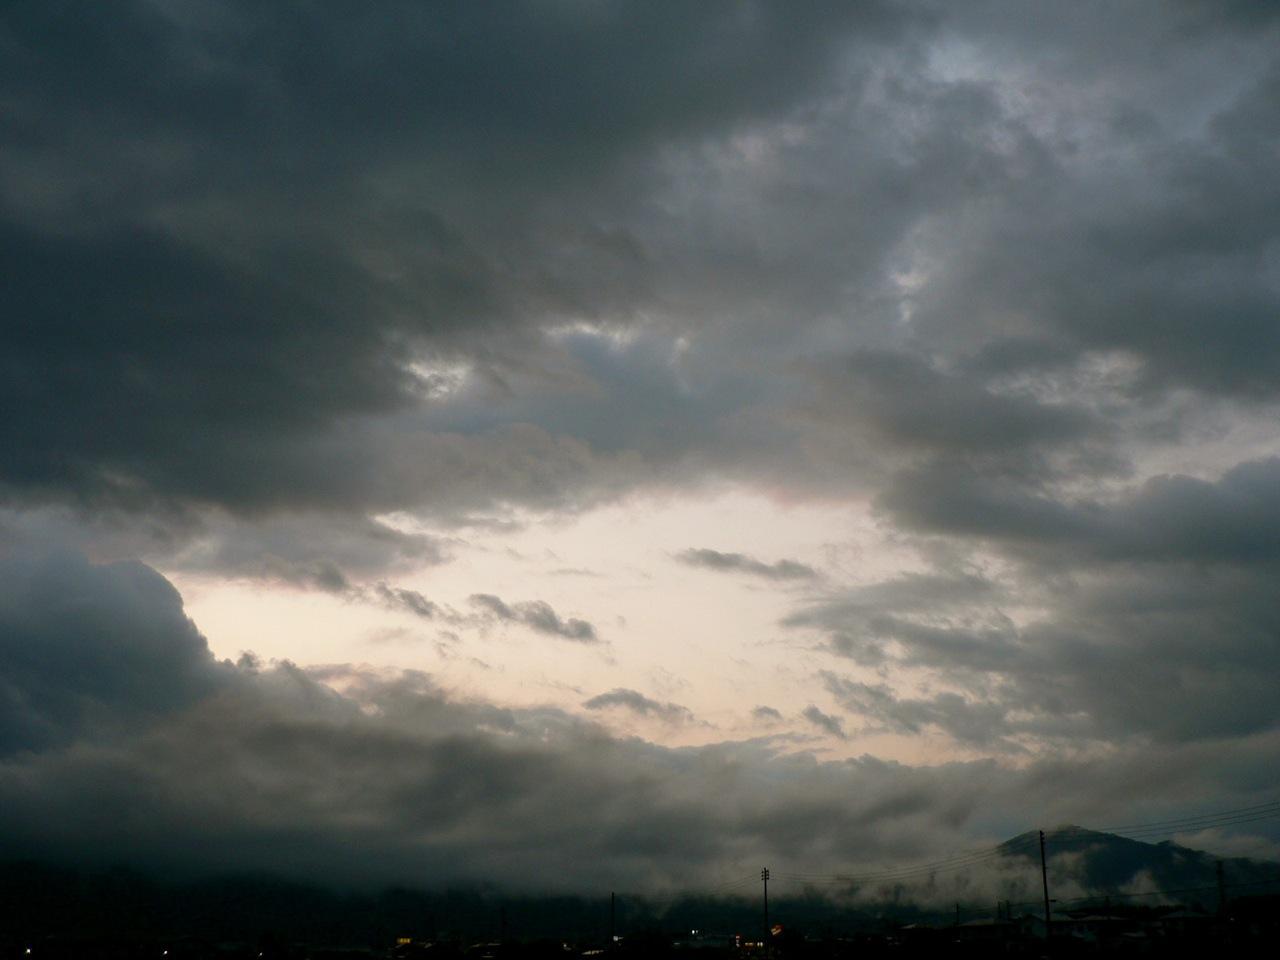 めまぐるしく変わる空模様を追ってみた_d0001843_23184616.jpg